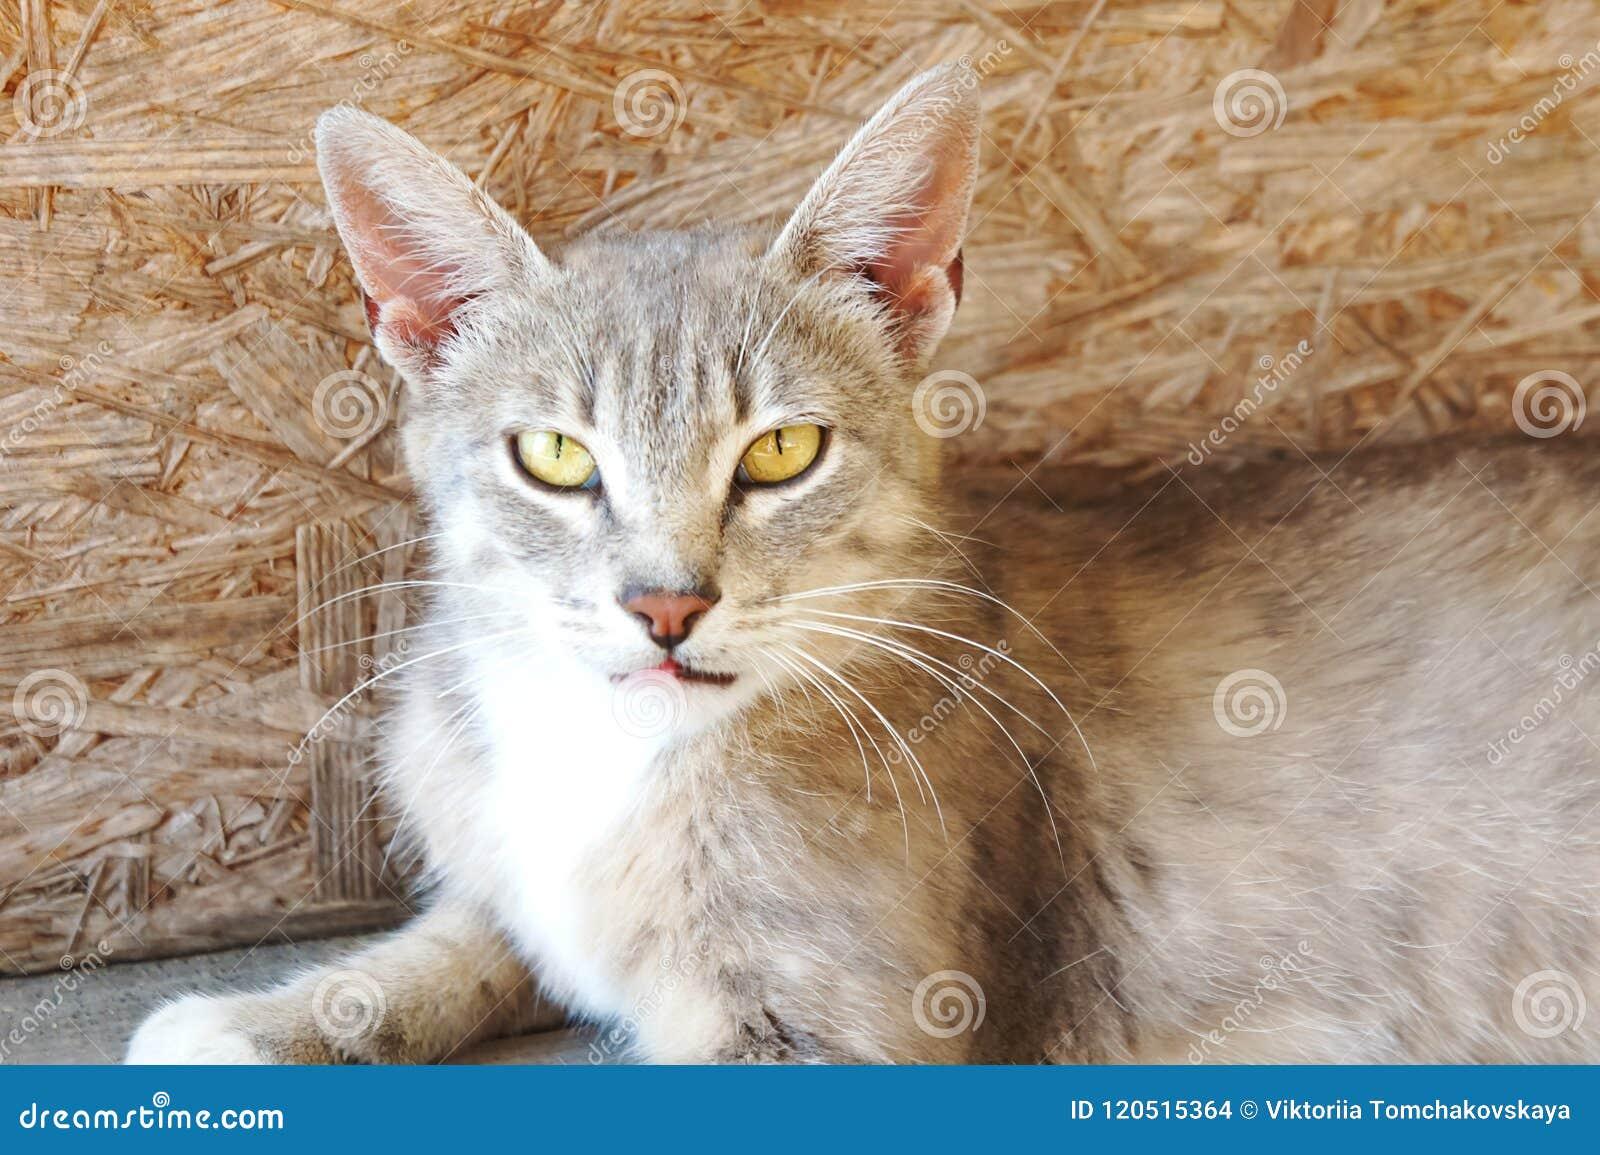 Серый кот рыся с большими ушами и желтыми глазами лежит смотрящ бездомное зло